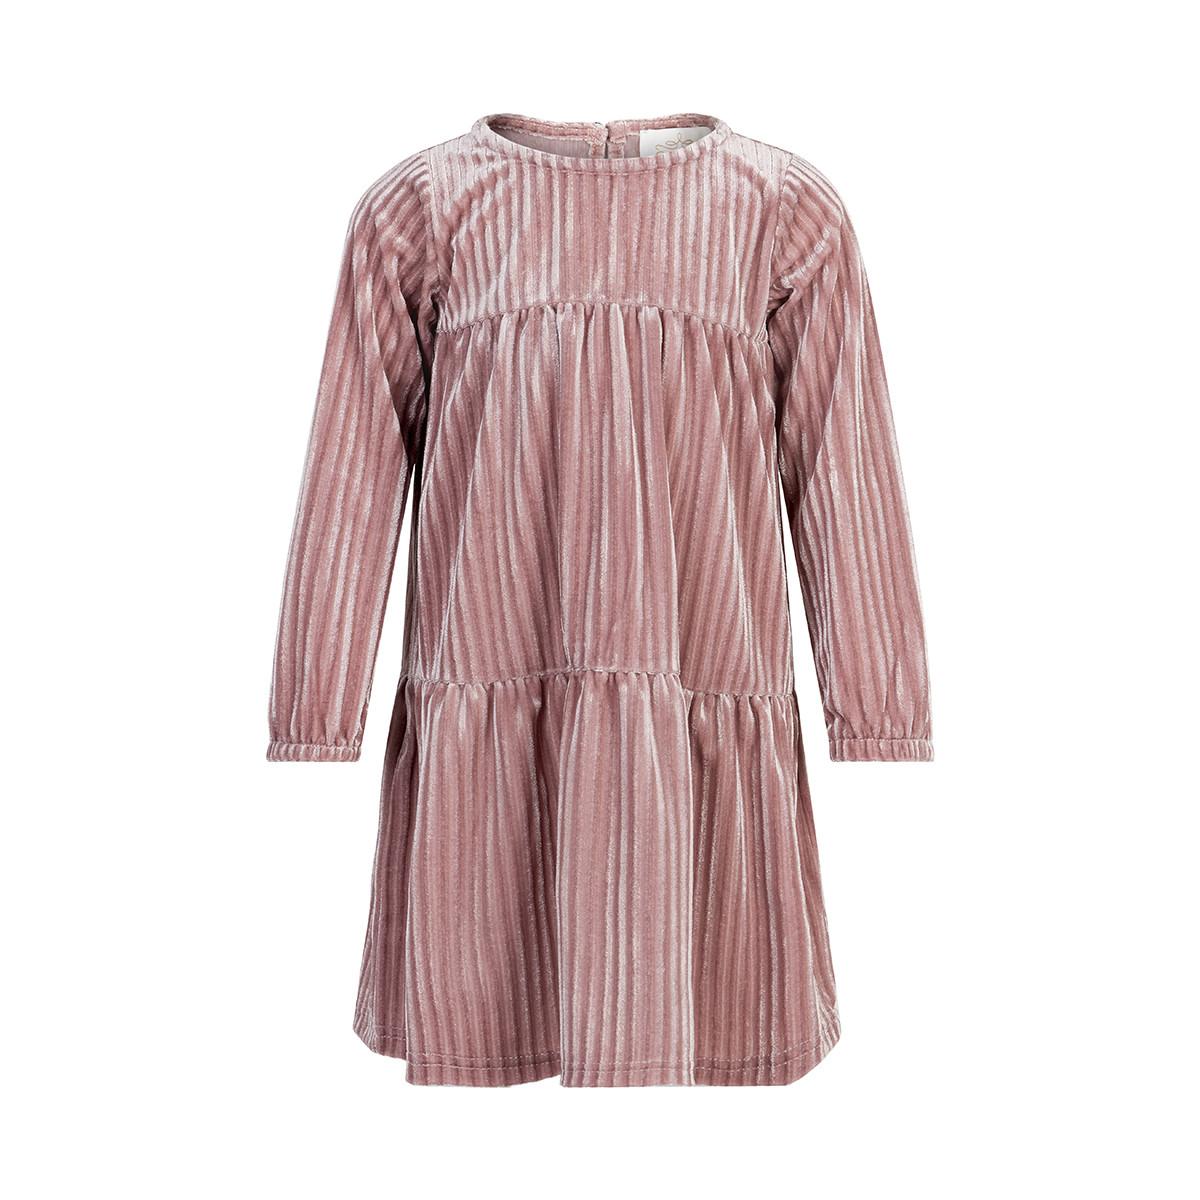 Creamie | Dress | 12m-6y | 840251-5707